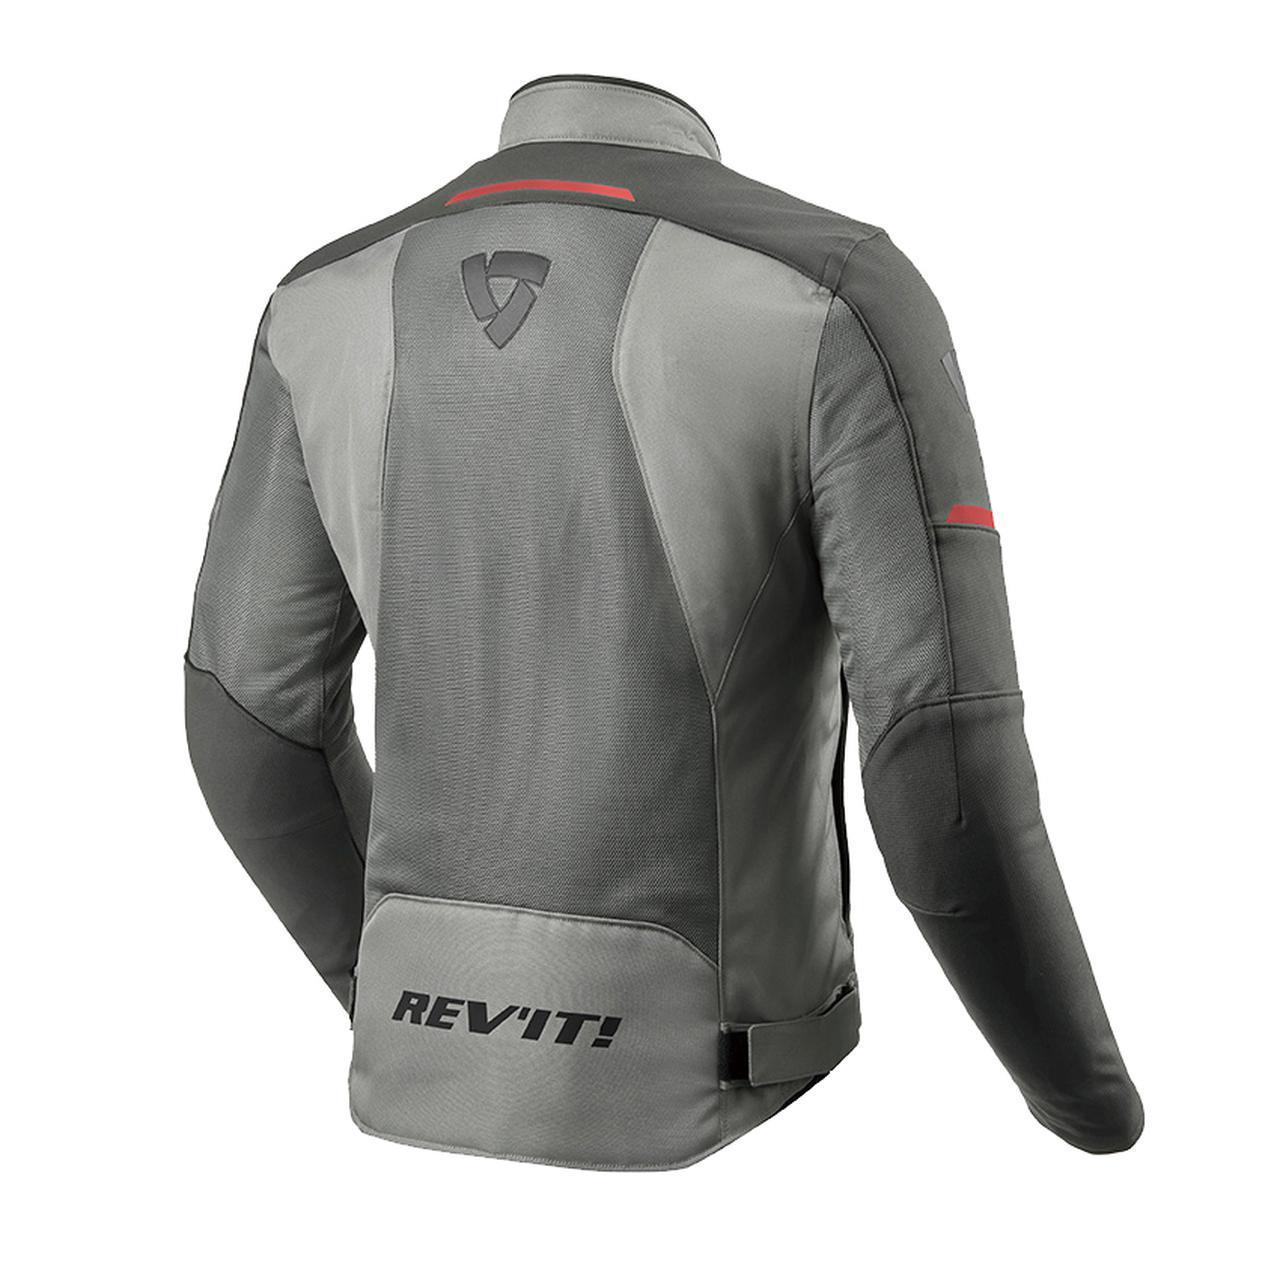 画像6: 丈夫で高品質なメッシュジャケットをお探しなら「レブイット」もあり! 2020年夏向けの新製品を3着紹介します!